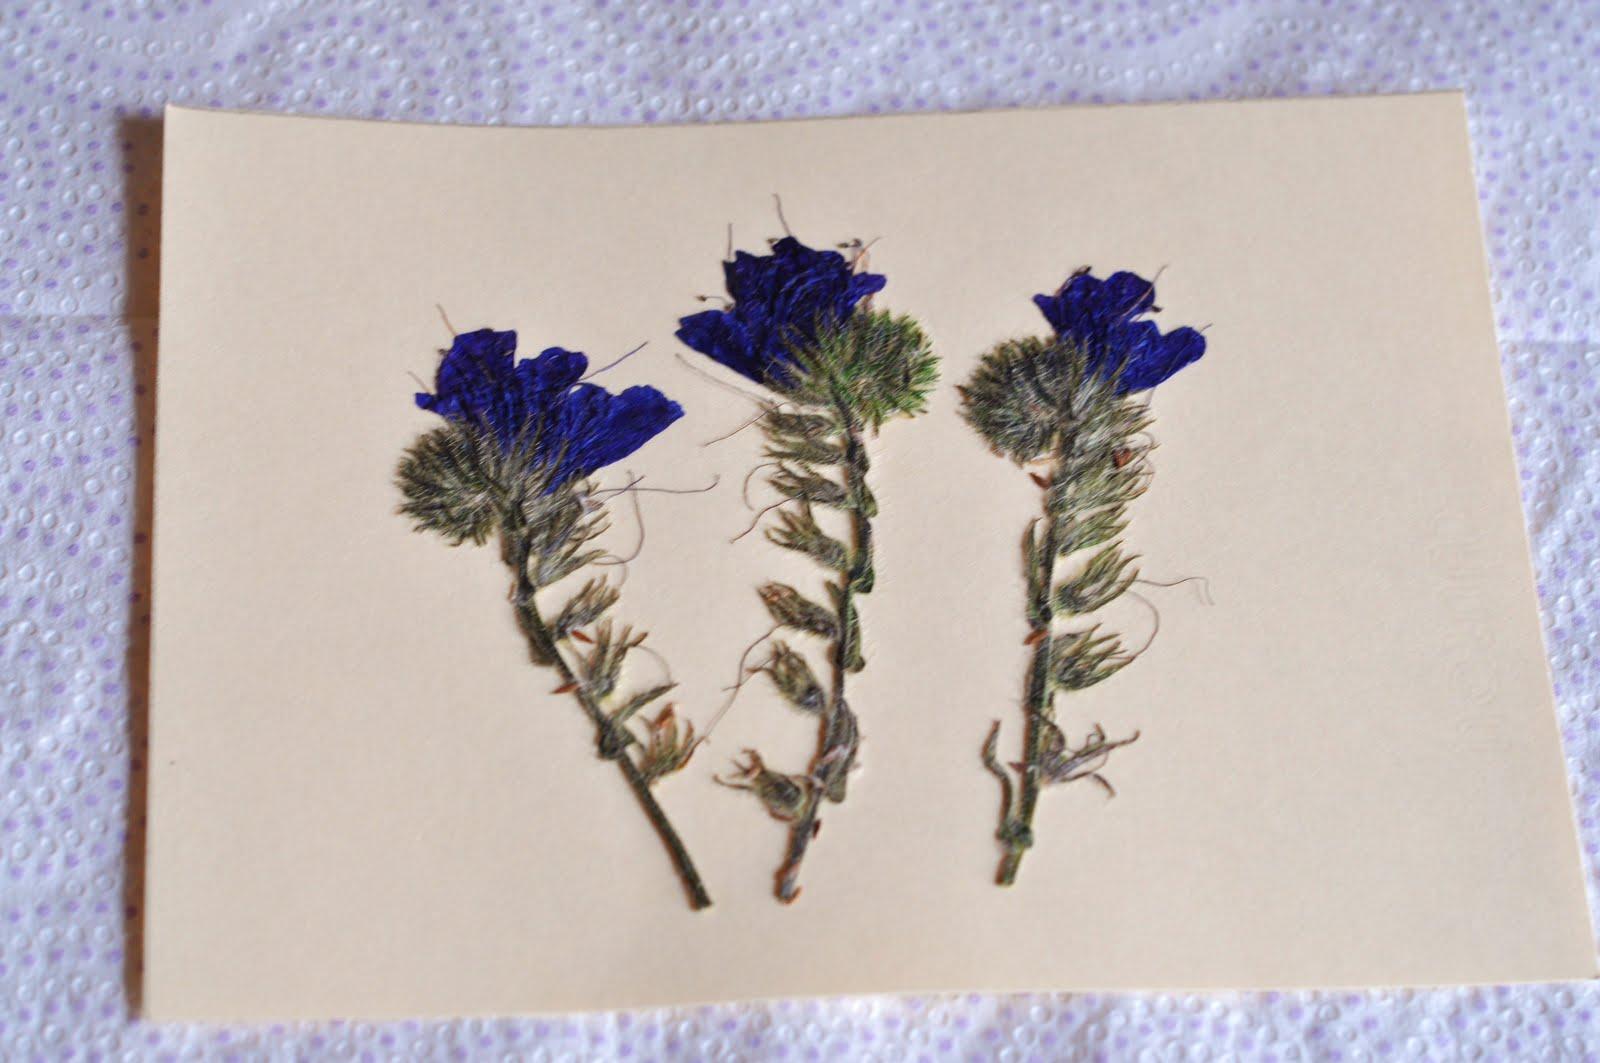 Mam s todoterreno tarjeta con flores secas y prensadas - Decoracion con flores secas ...